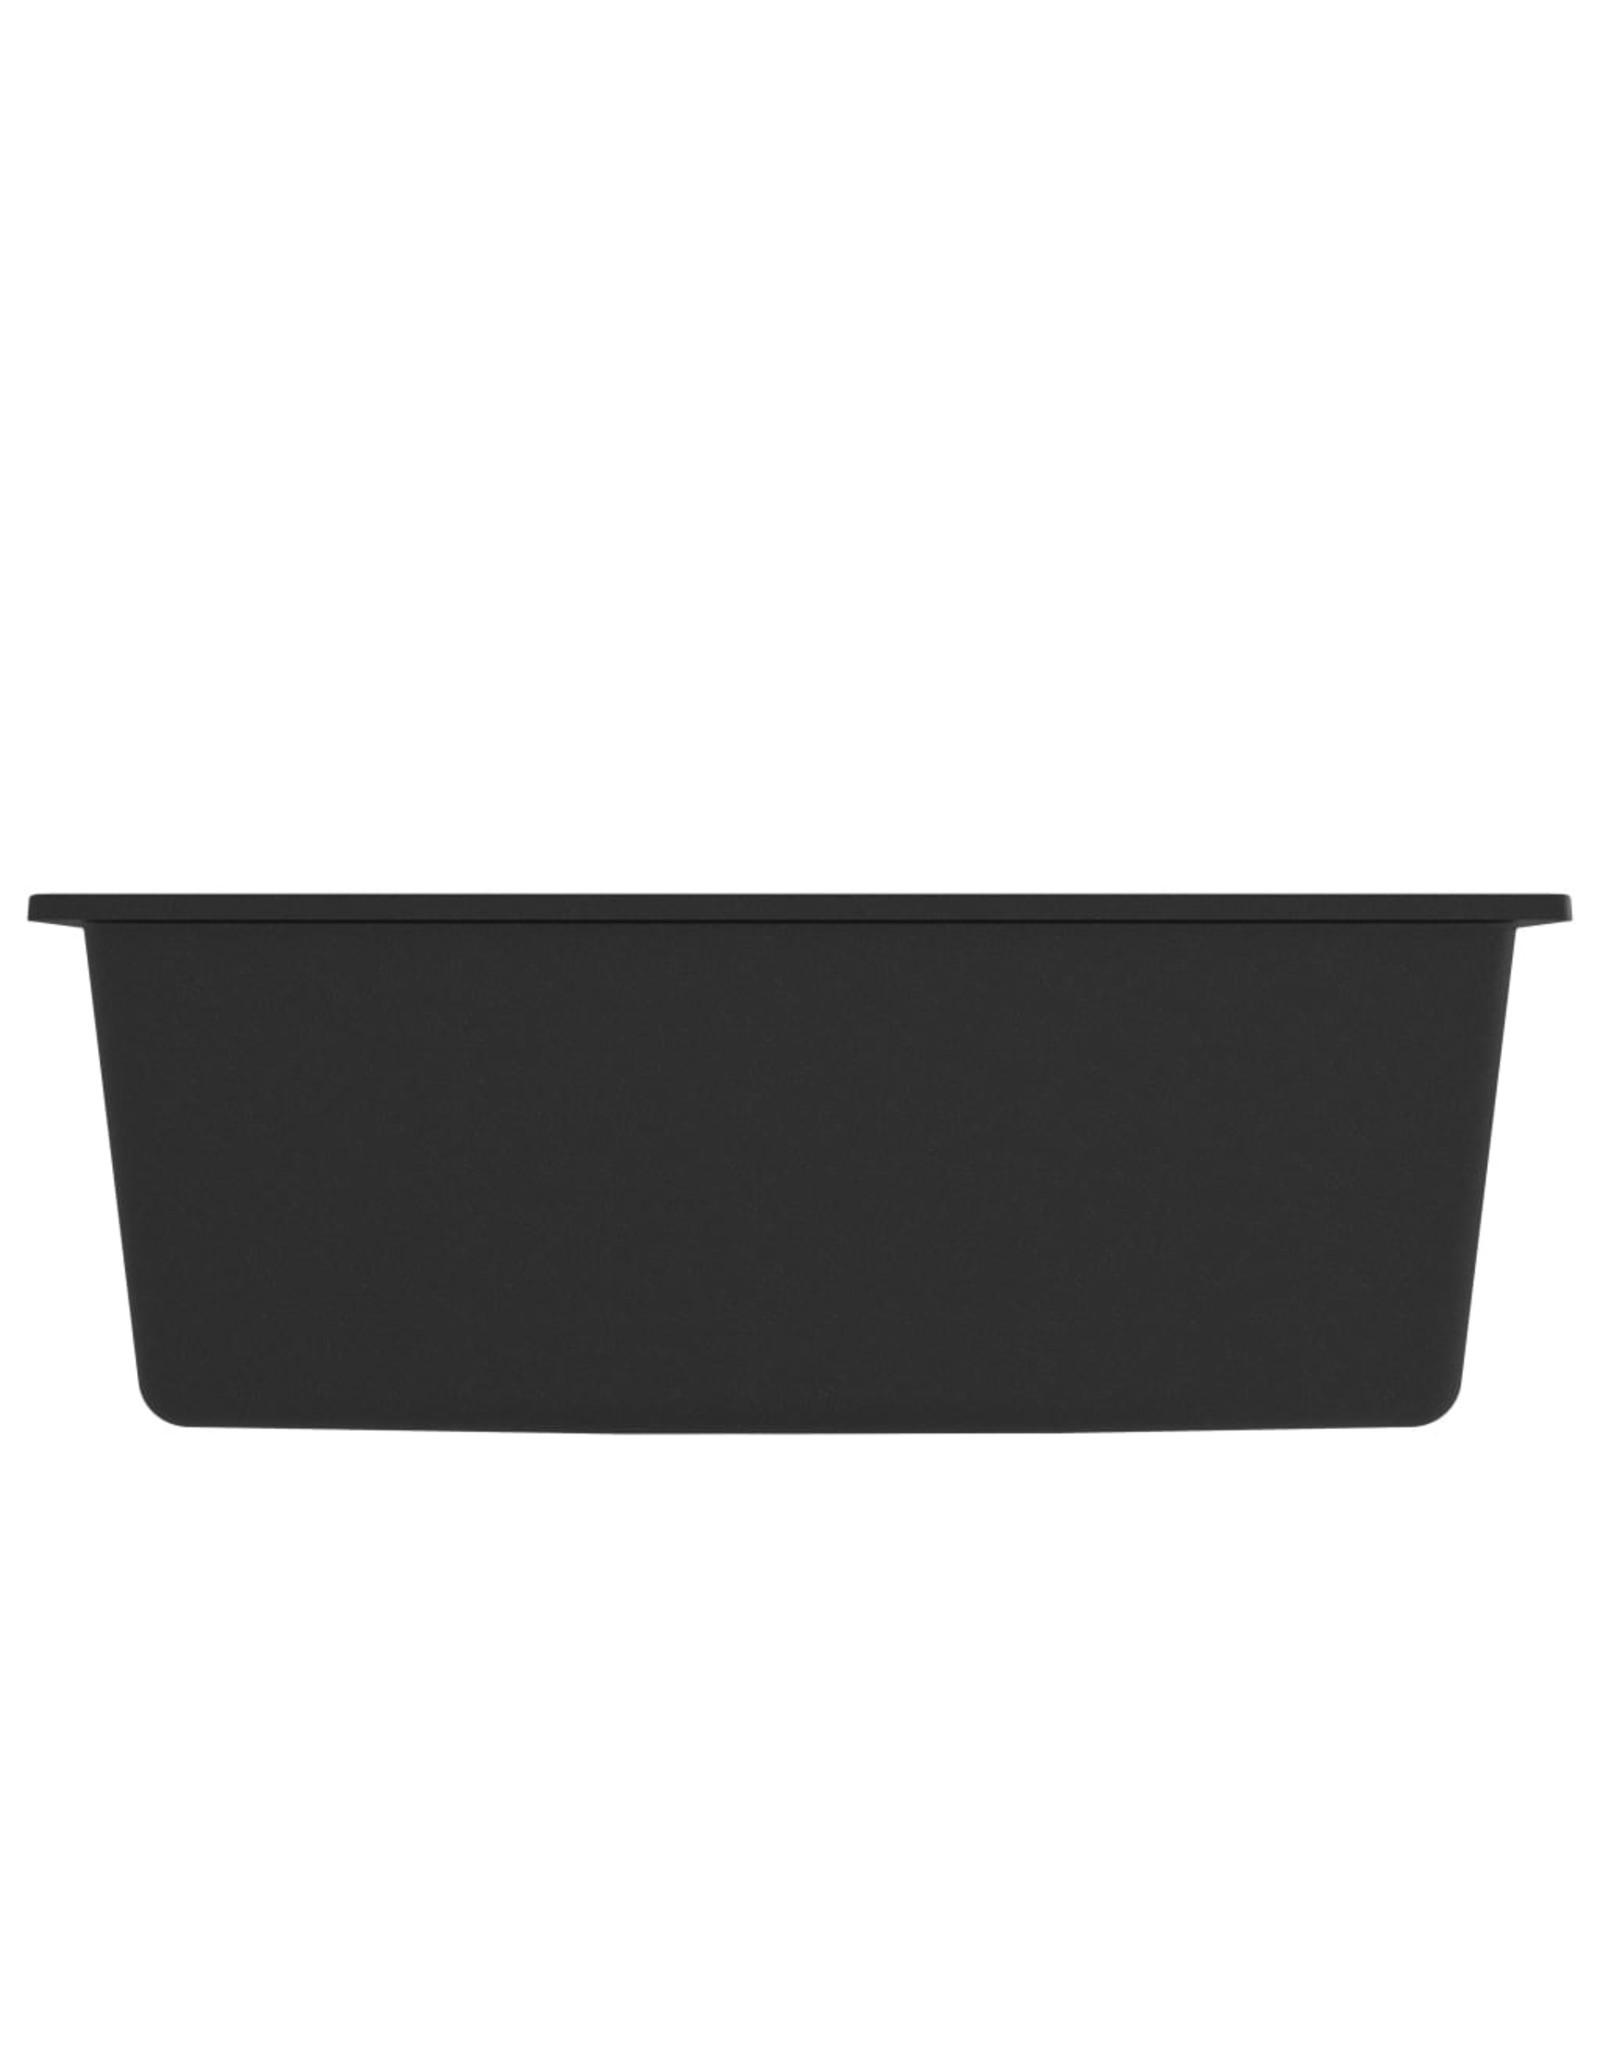 Gootsteen met overloopgat graniet zwart